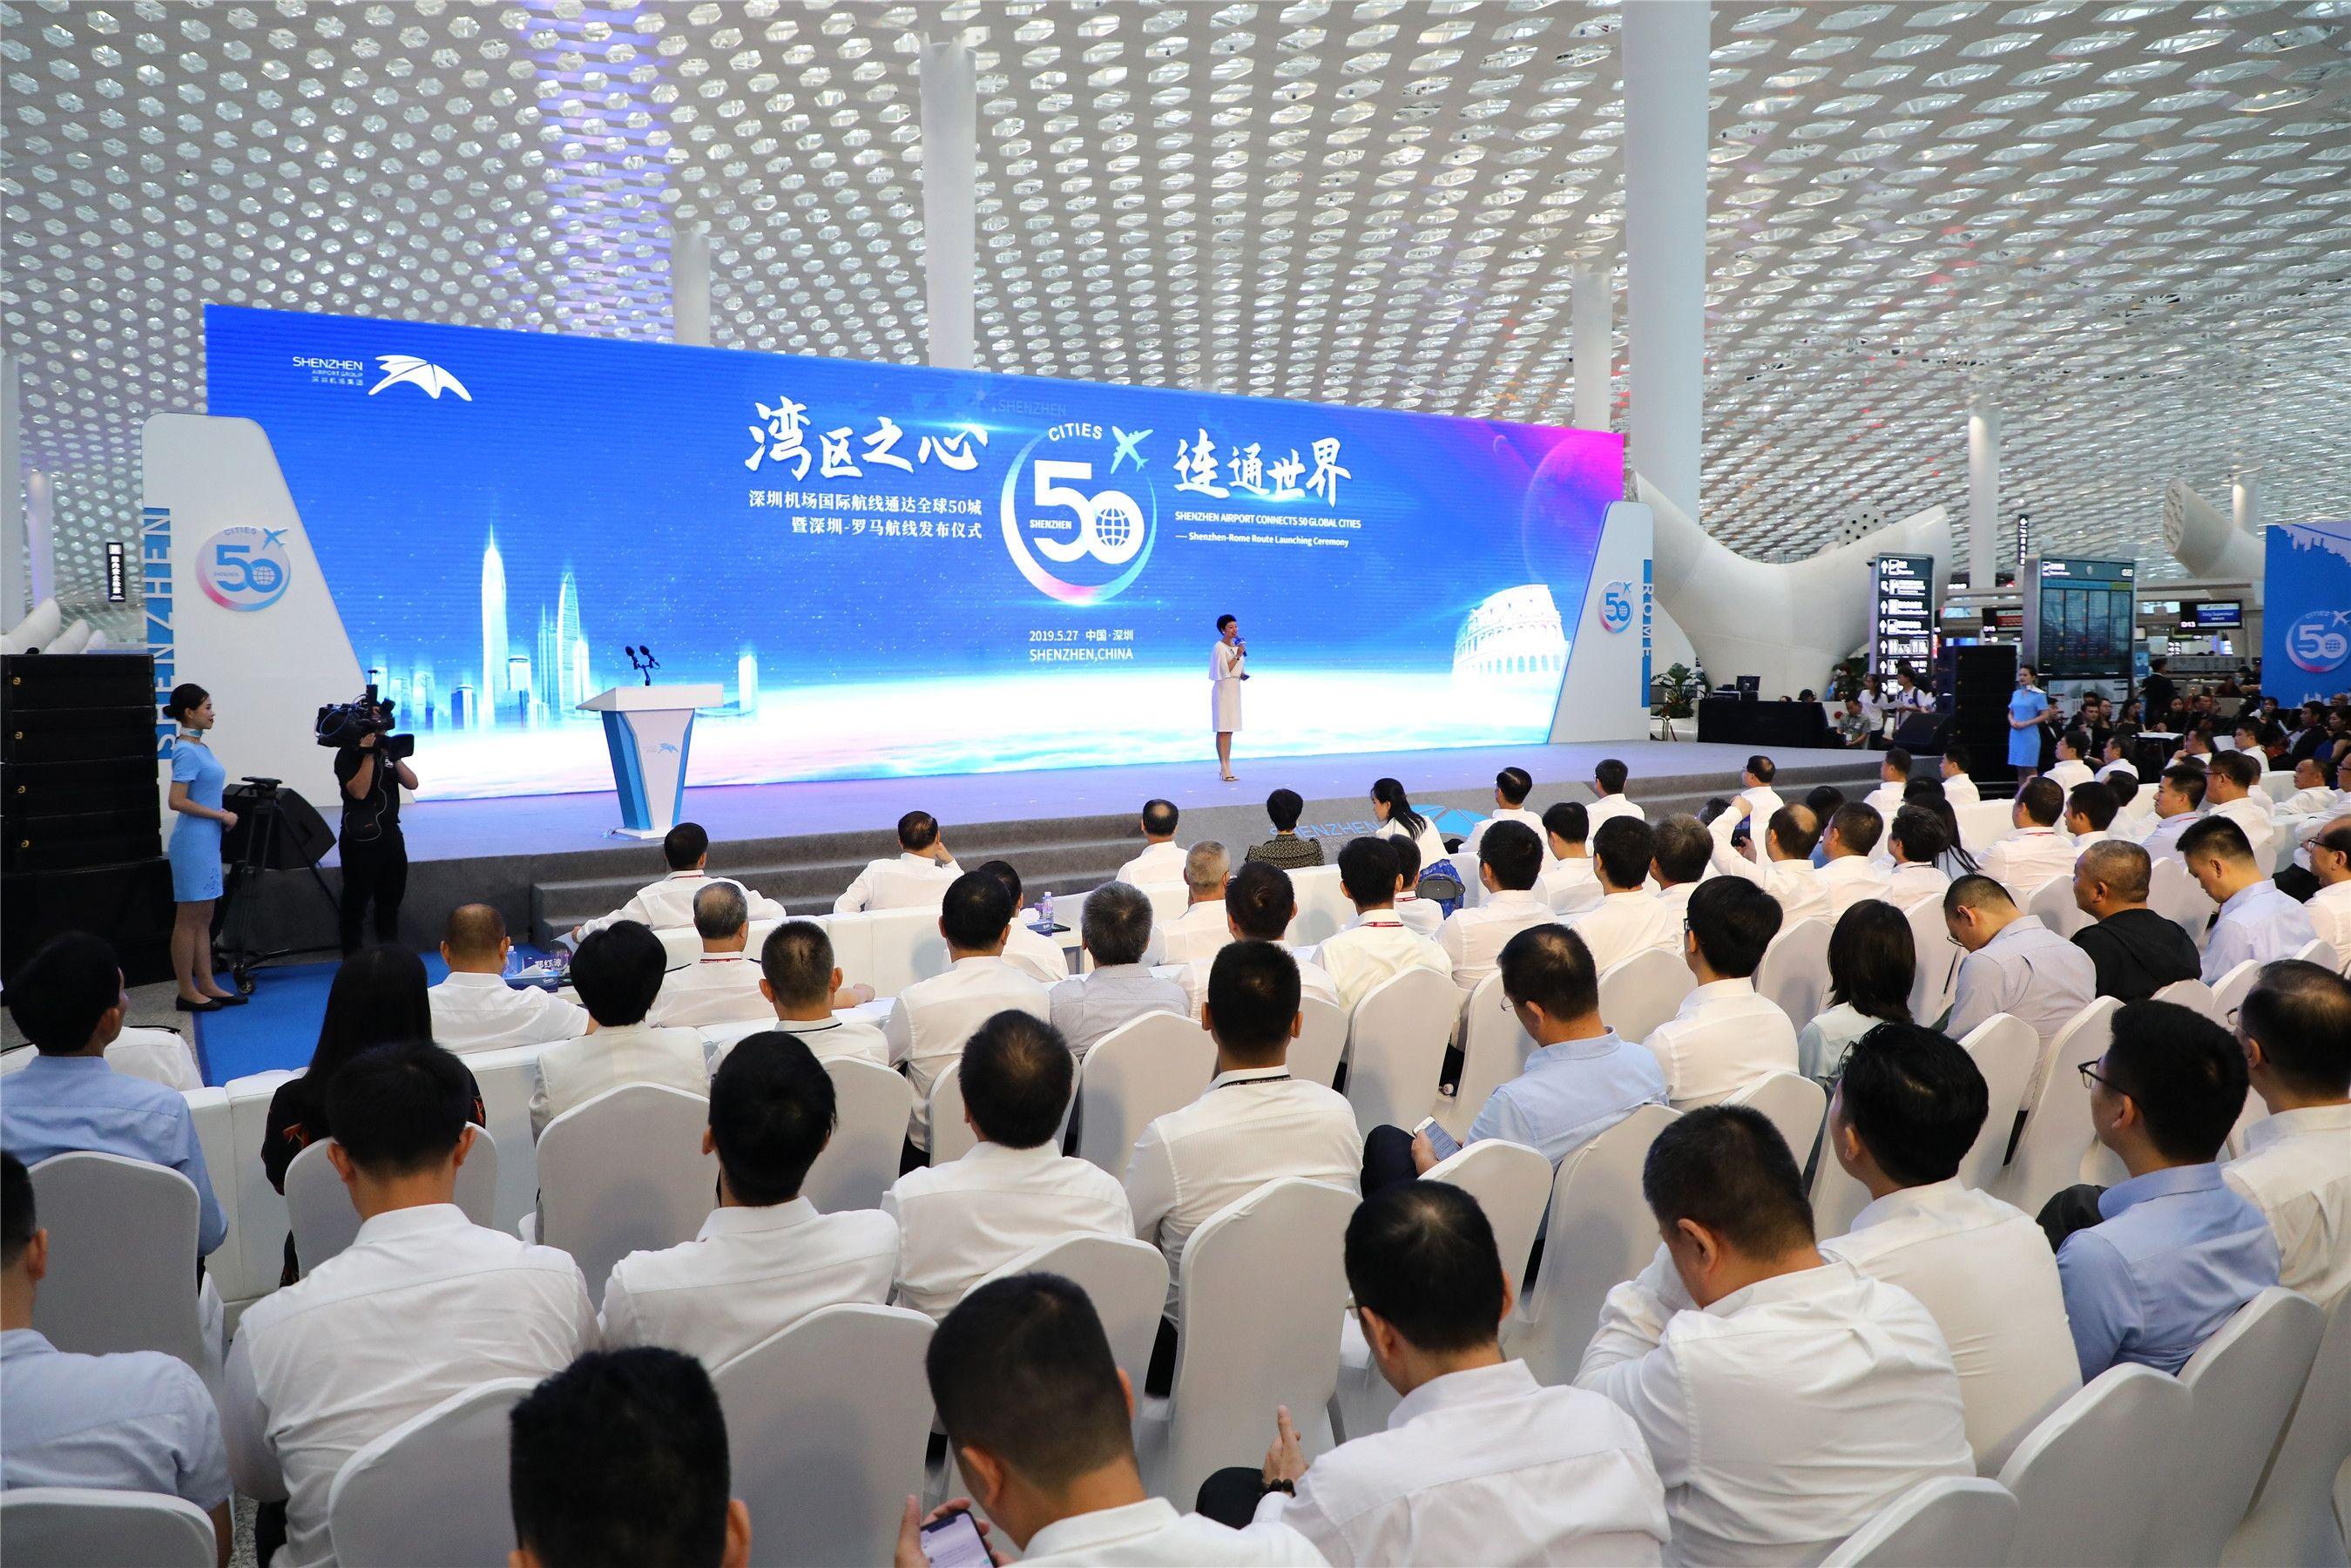 深圳机场国际客运航线通达全球50城